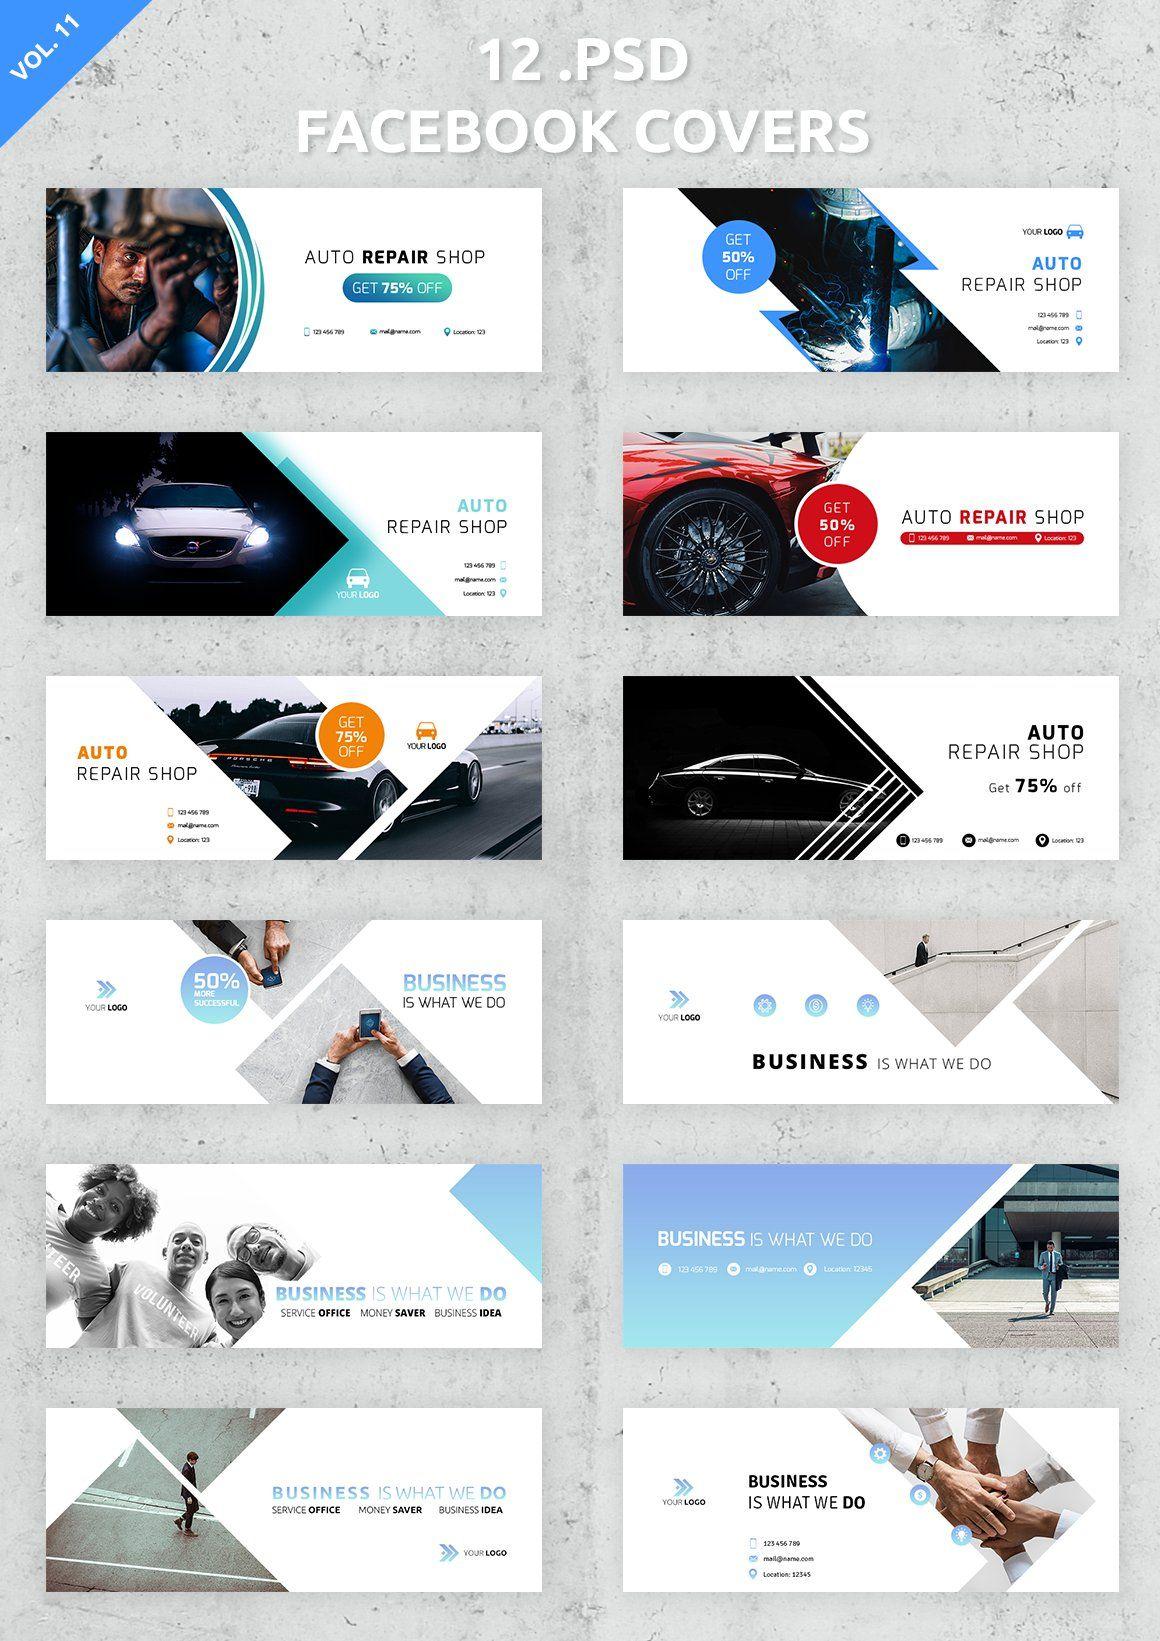 Creative Facebook Design Template